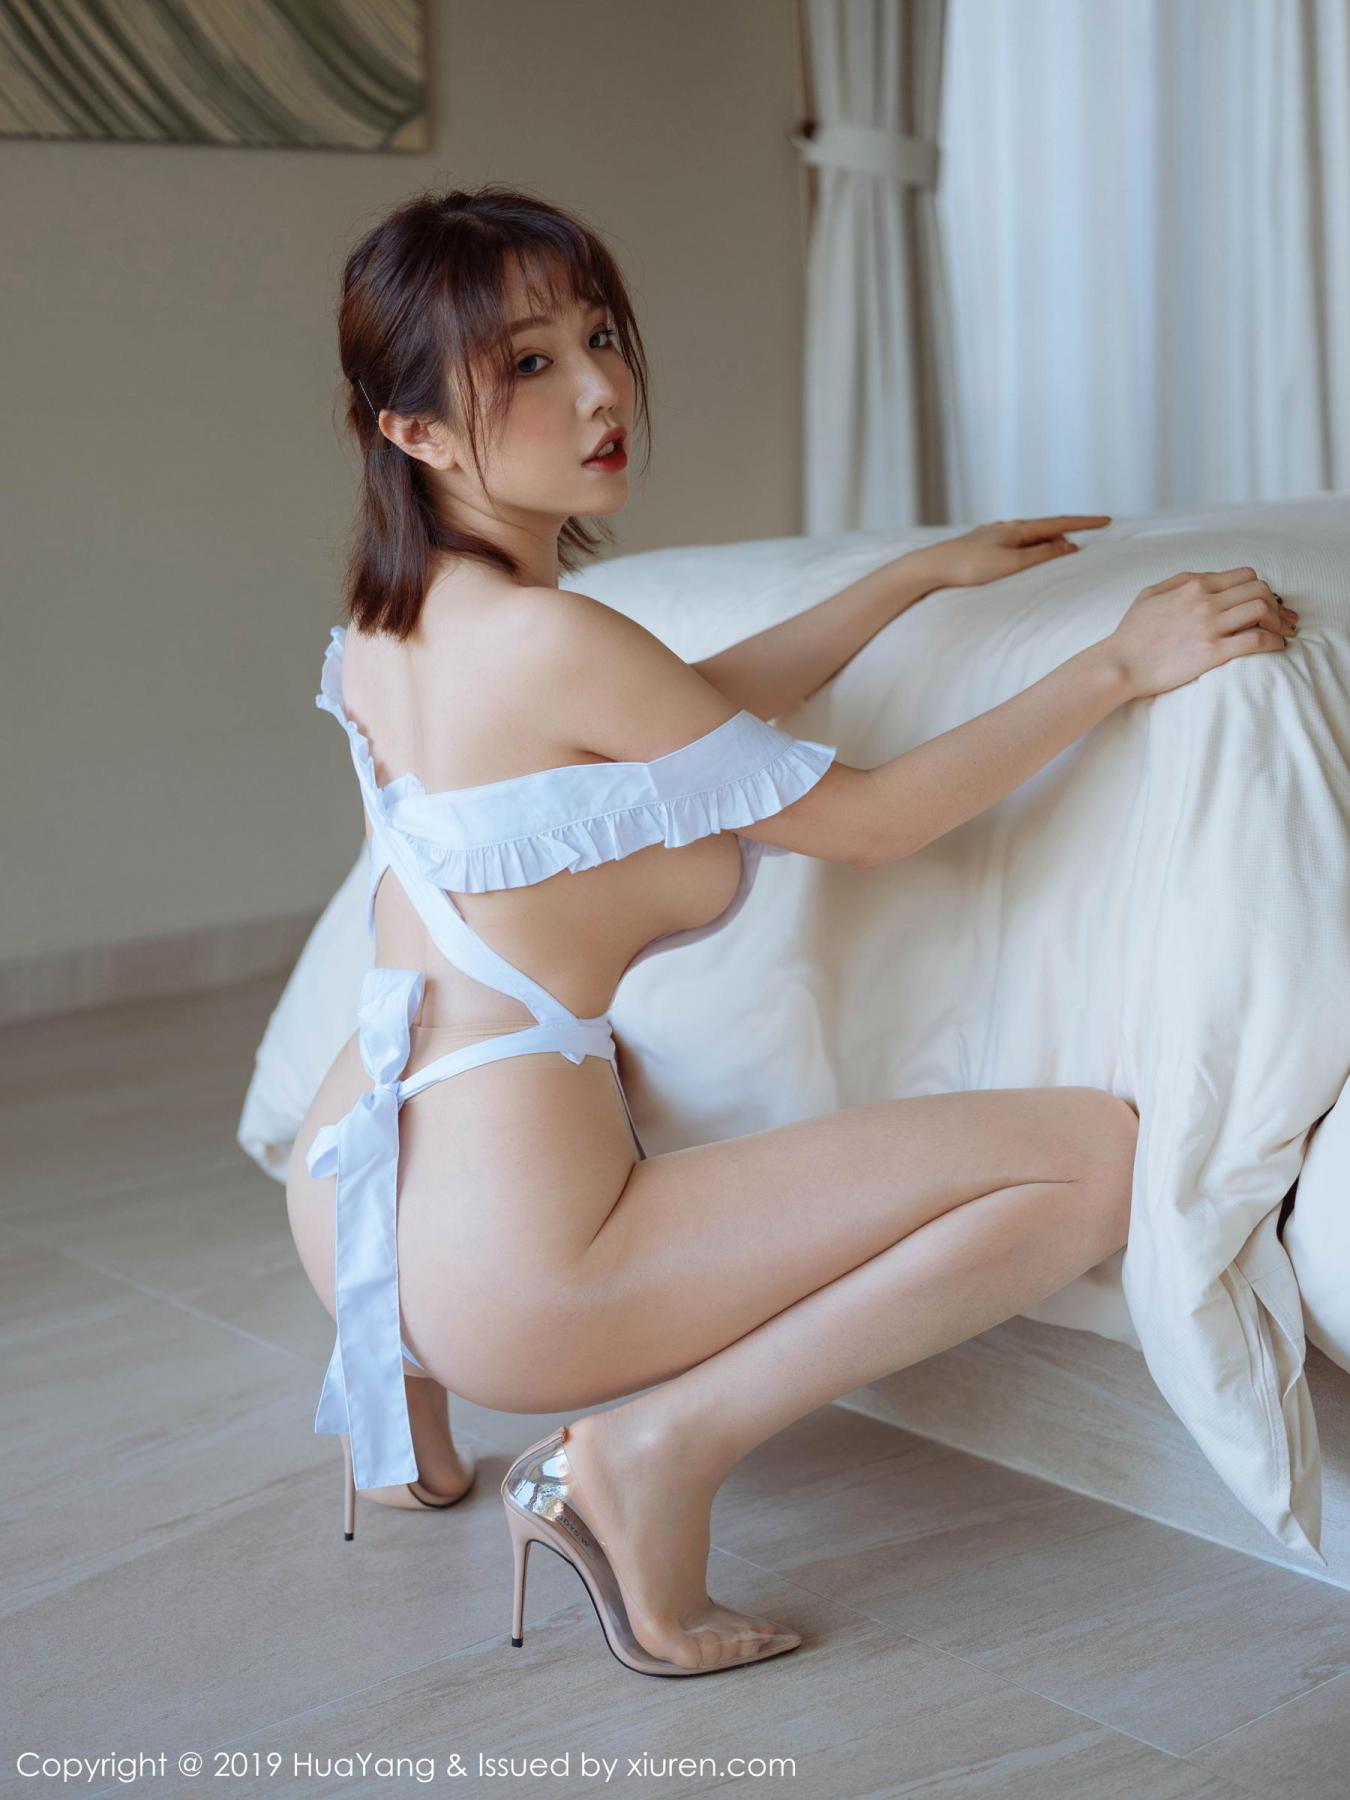 [Huayang] Vol.134 Huang Le Ran 19P, Huang Le Ran, HuaYang, Maid, Sexy